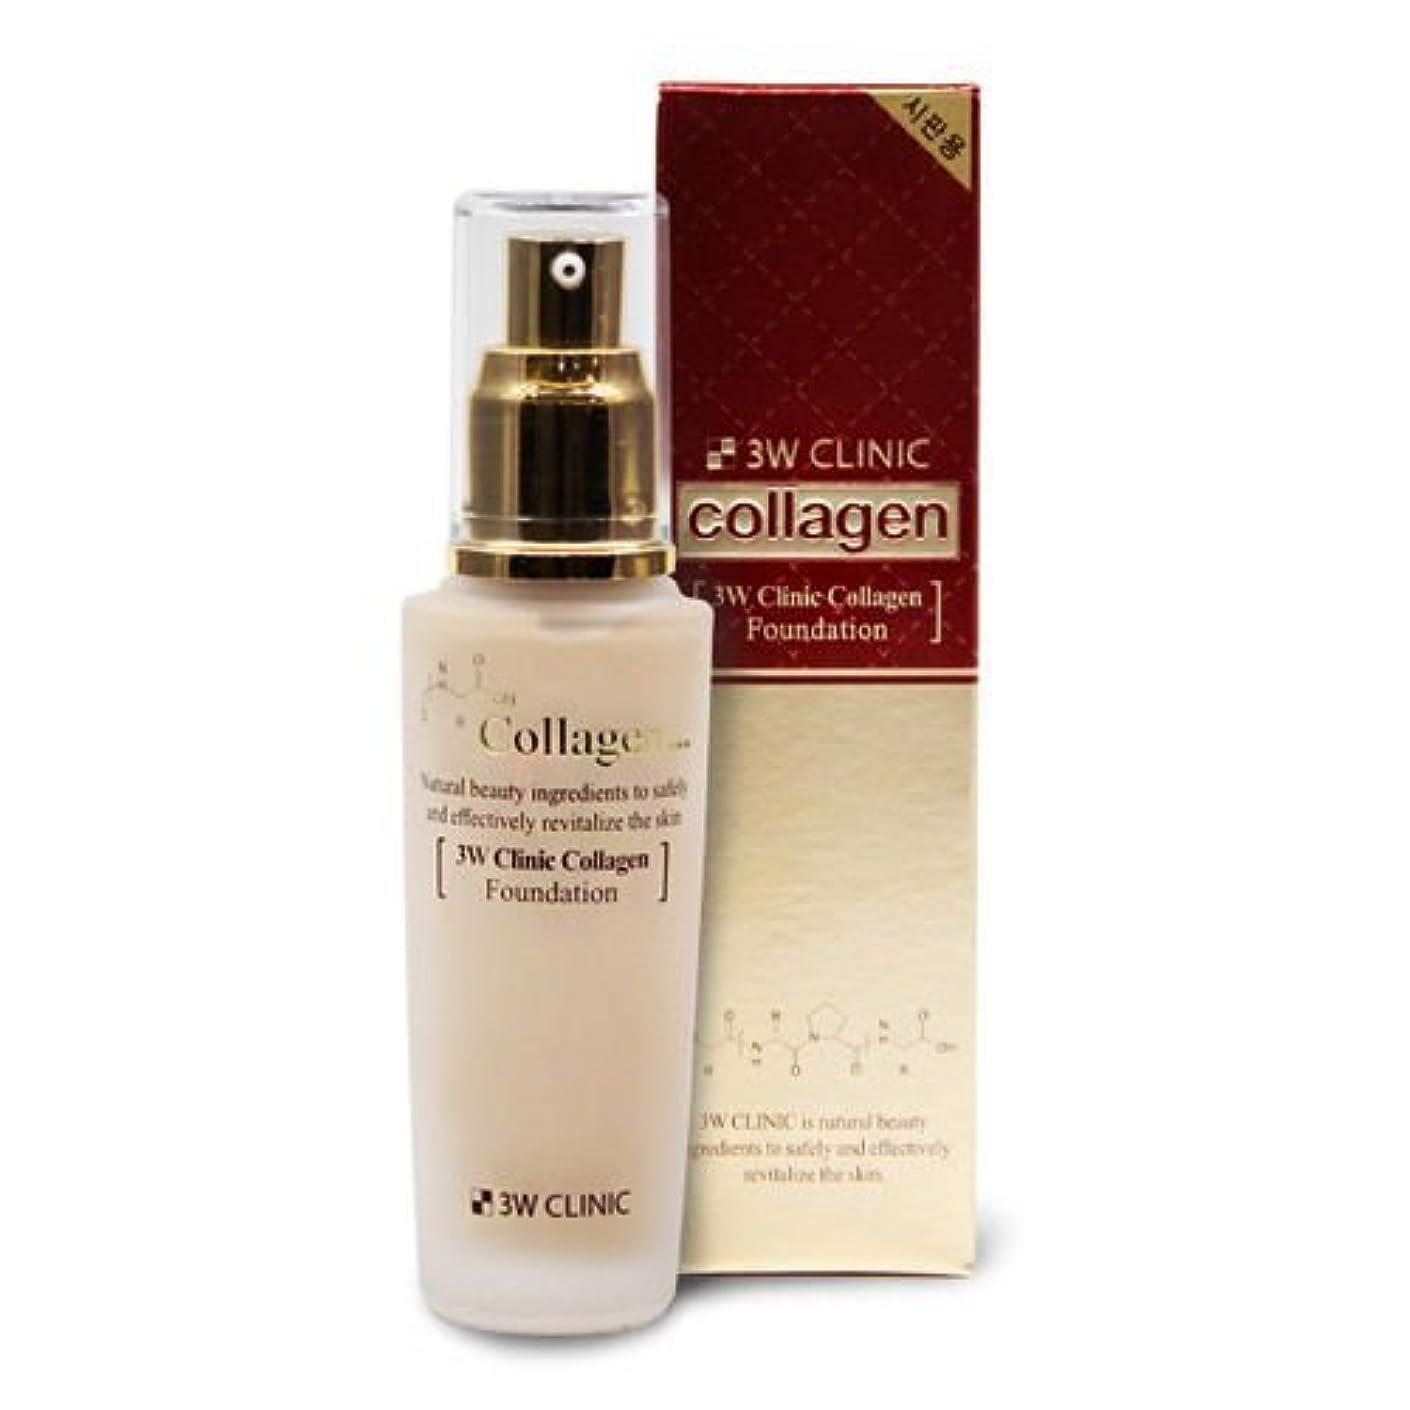 失効放置廃棄3Wクリニック[韓国コスメ3w Clinic]Collagen Foundation Perfect Cover Make-Up Base コラーゲンファンデーションパーフェクトカバーメイクアップベース50ml[並行輸入品...